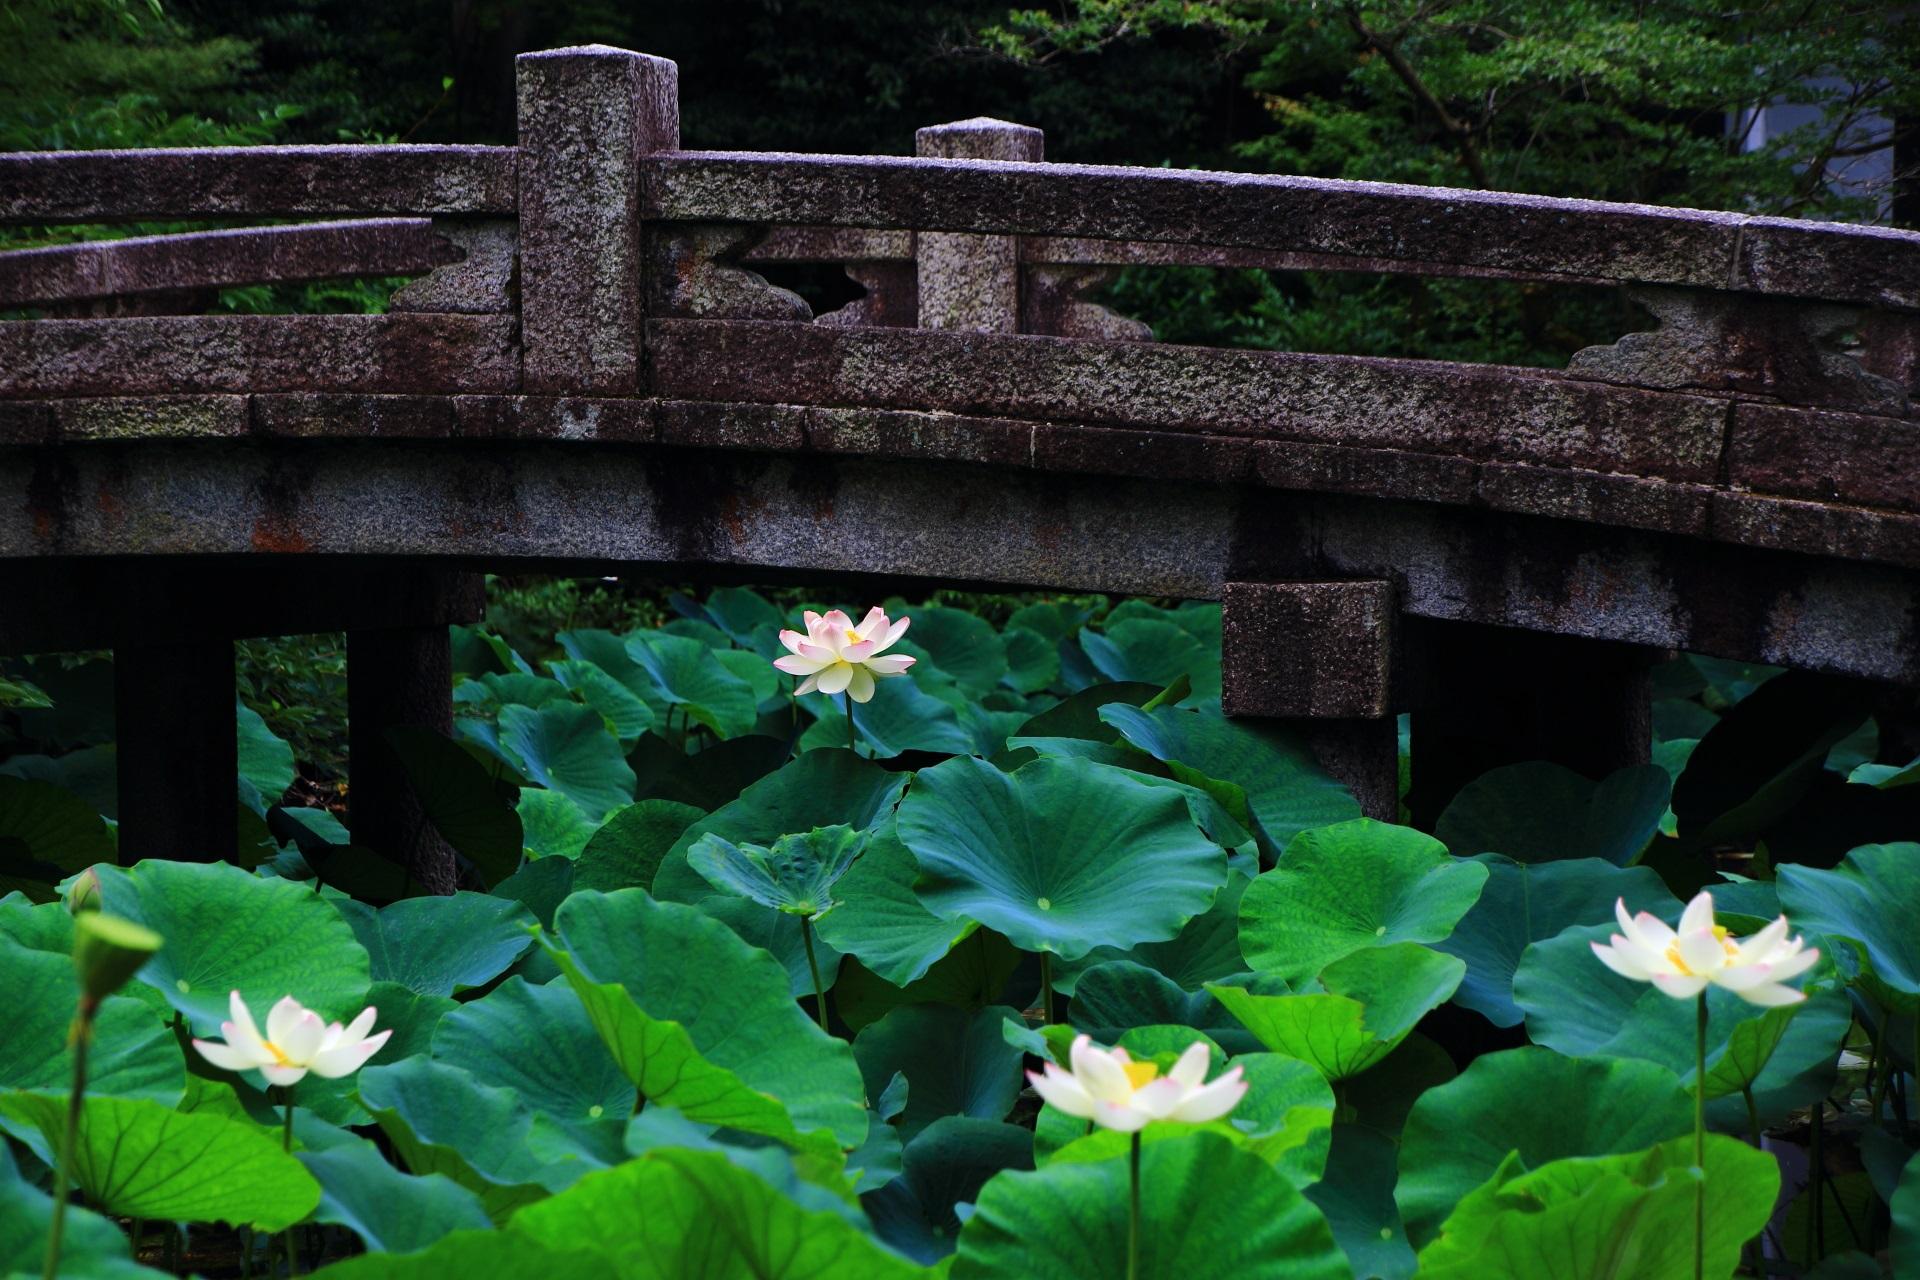 落ち着いた雰囲気の中で咲く極上の蓮の花